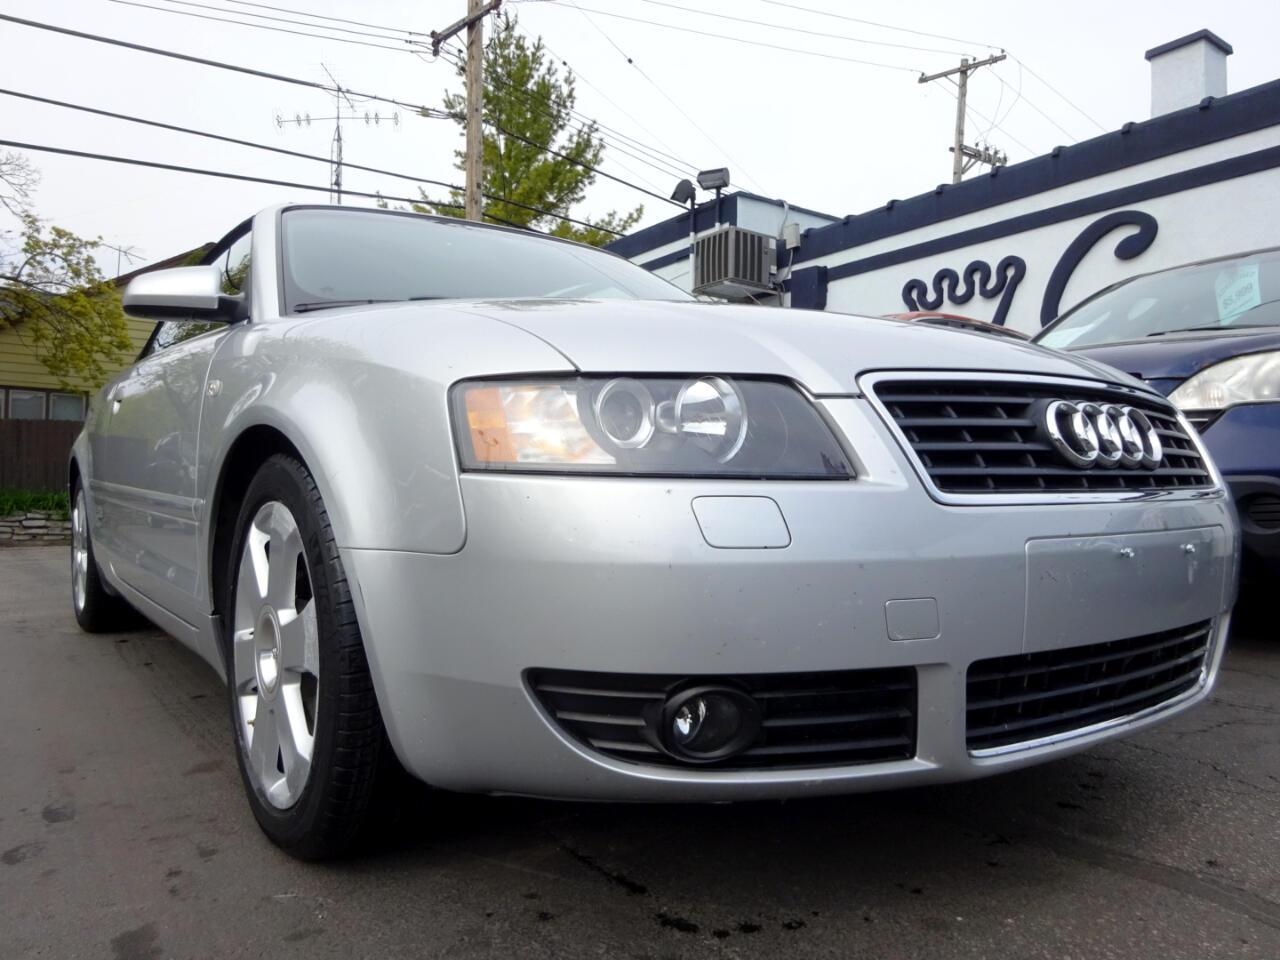 Audi A4 2005 2dr Cabriolet 1.8T CVT 2005